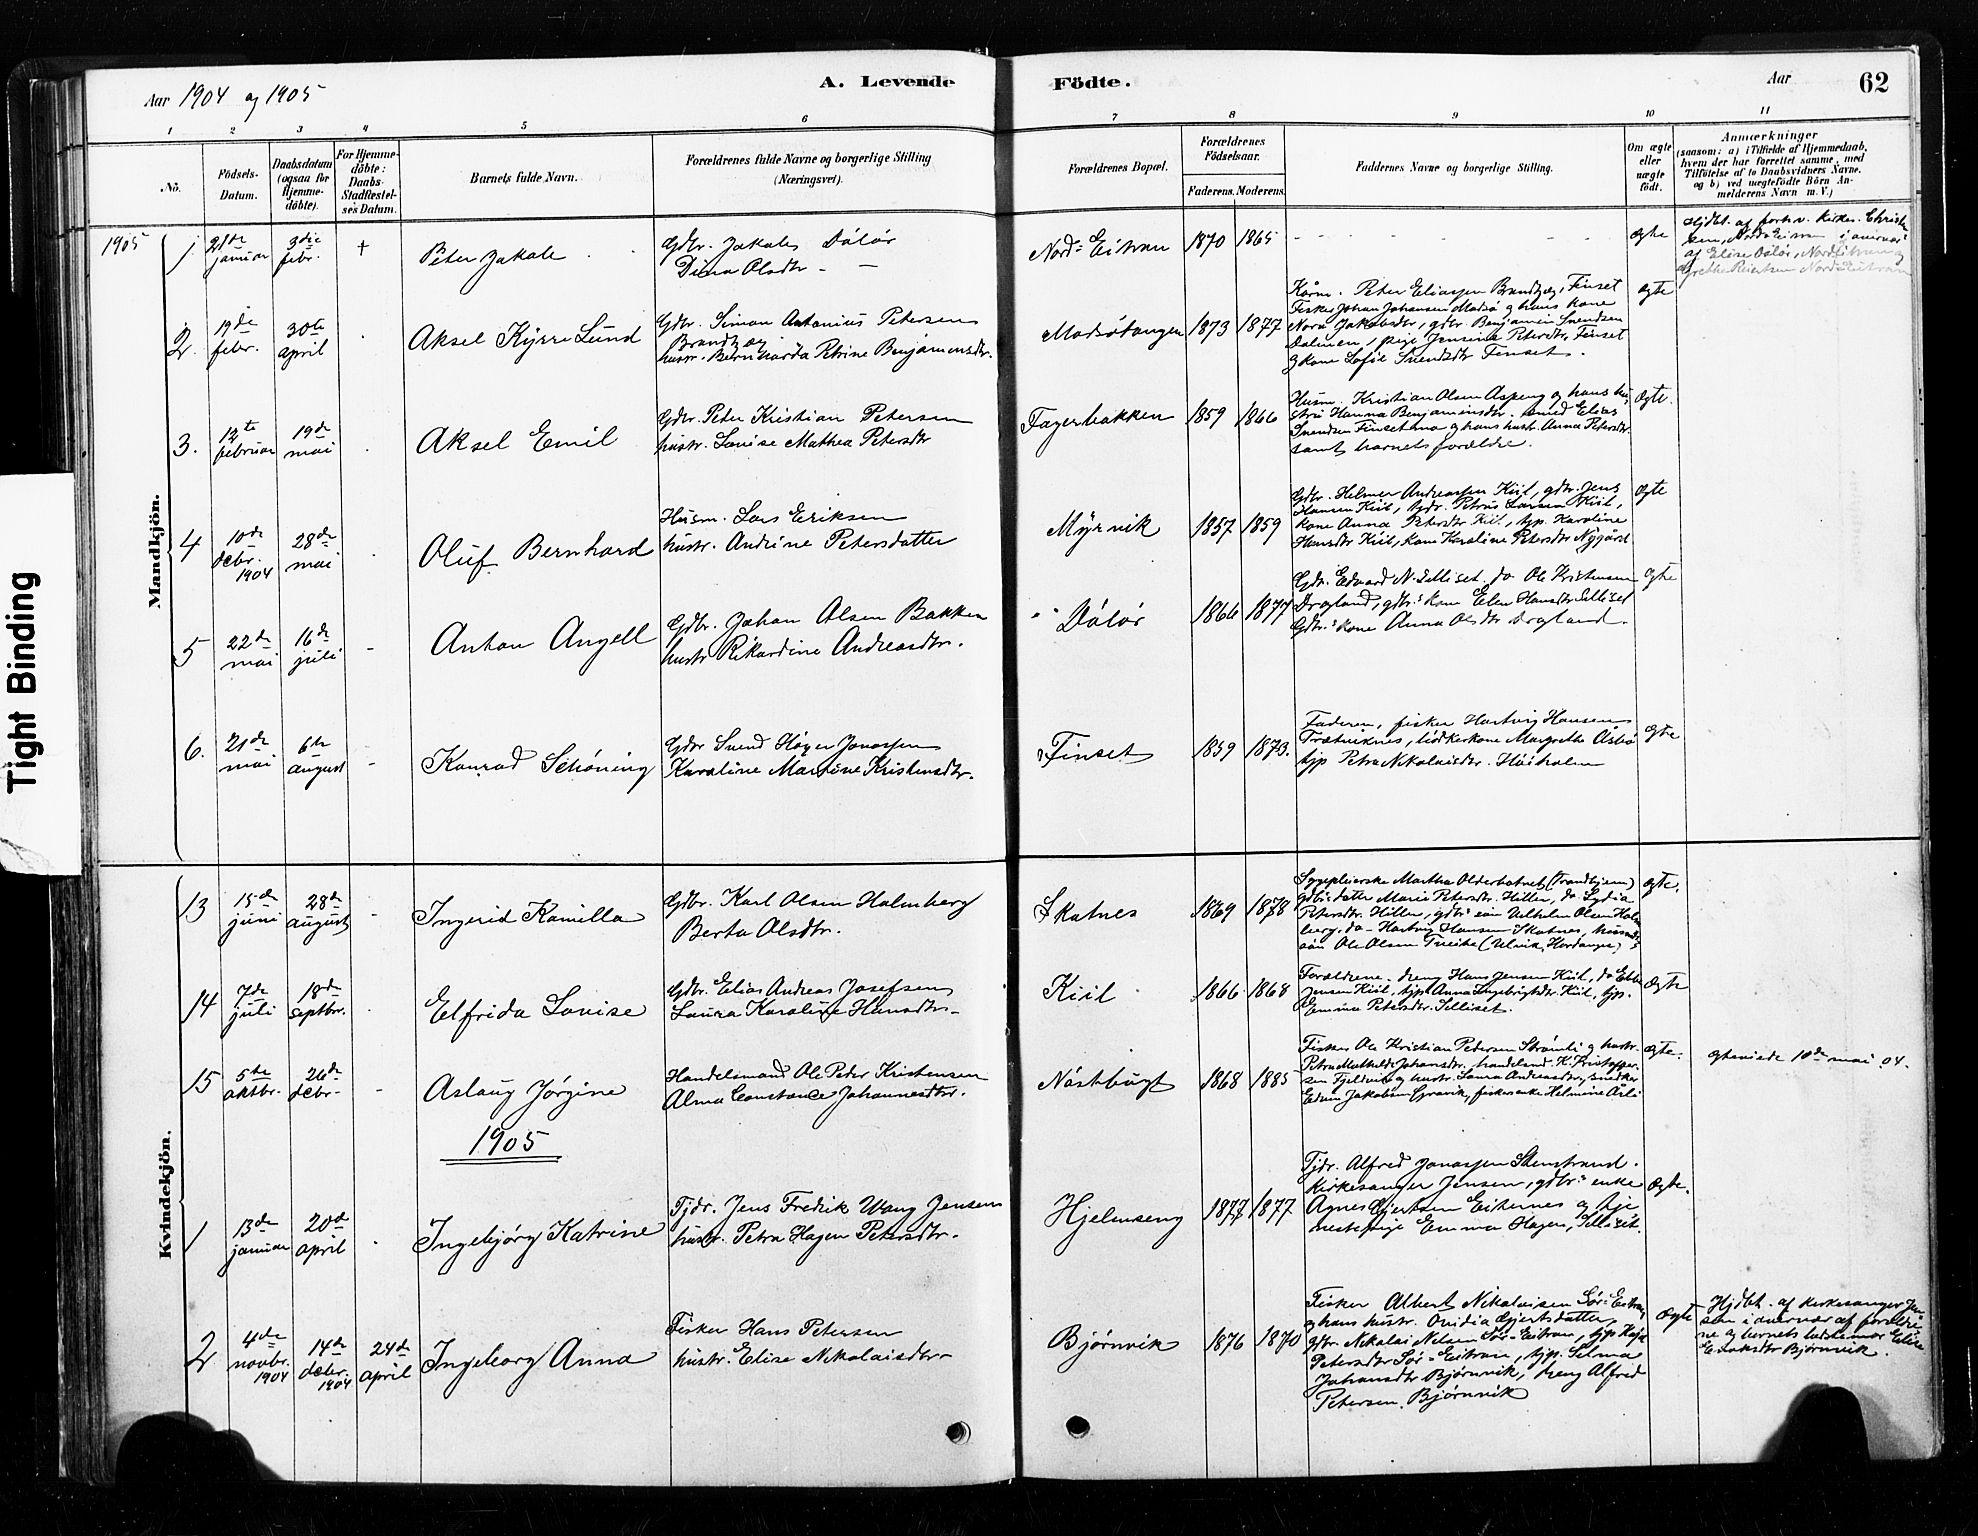 SAT, Ministerialprotokoller, klokkerbøker og fødselsregistre - Nord-Trøndelag, 789/L0705: Ministerialbok nr. 789A01, 1878-1910, s. 62